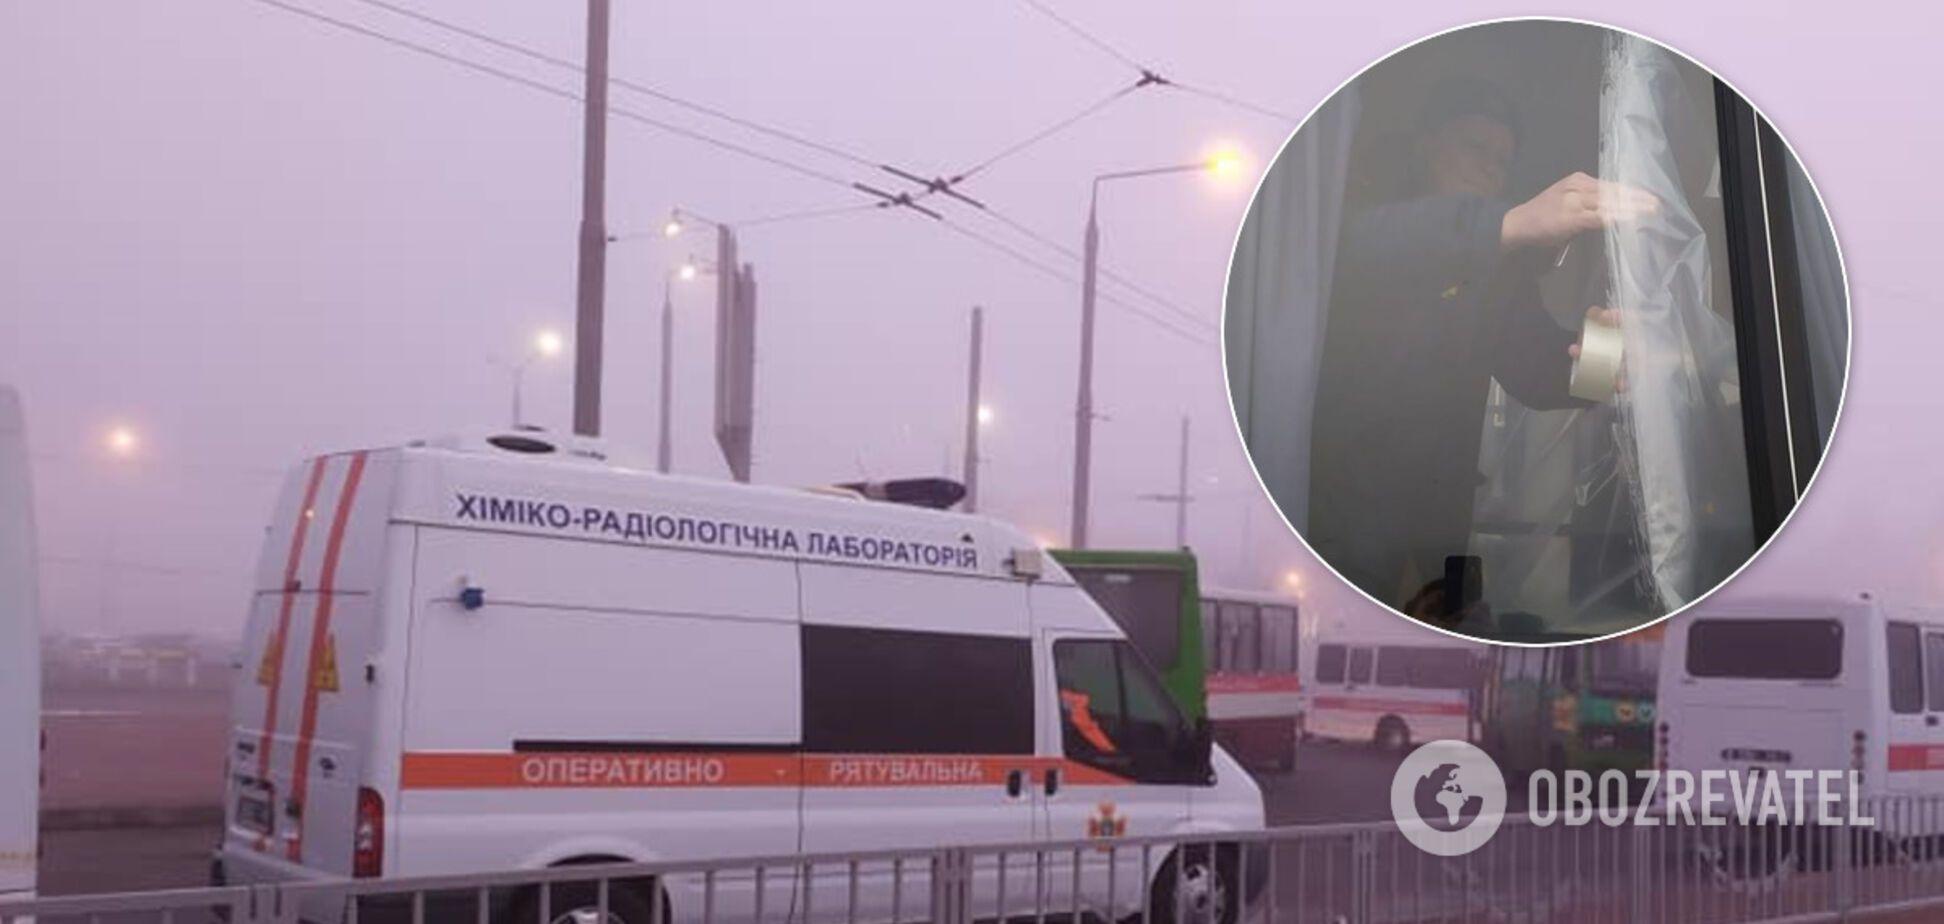 У захисних костюмах, автобуси обклеюють скотчем: як українців чекають із Уханя. Фоторепортаж